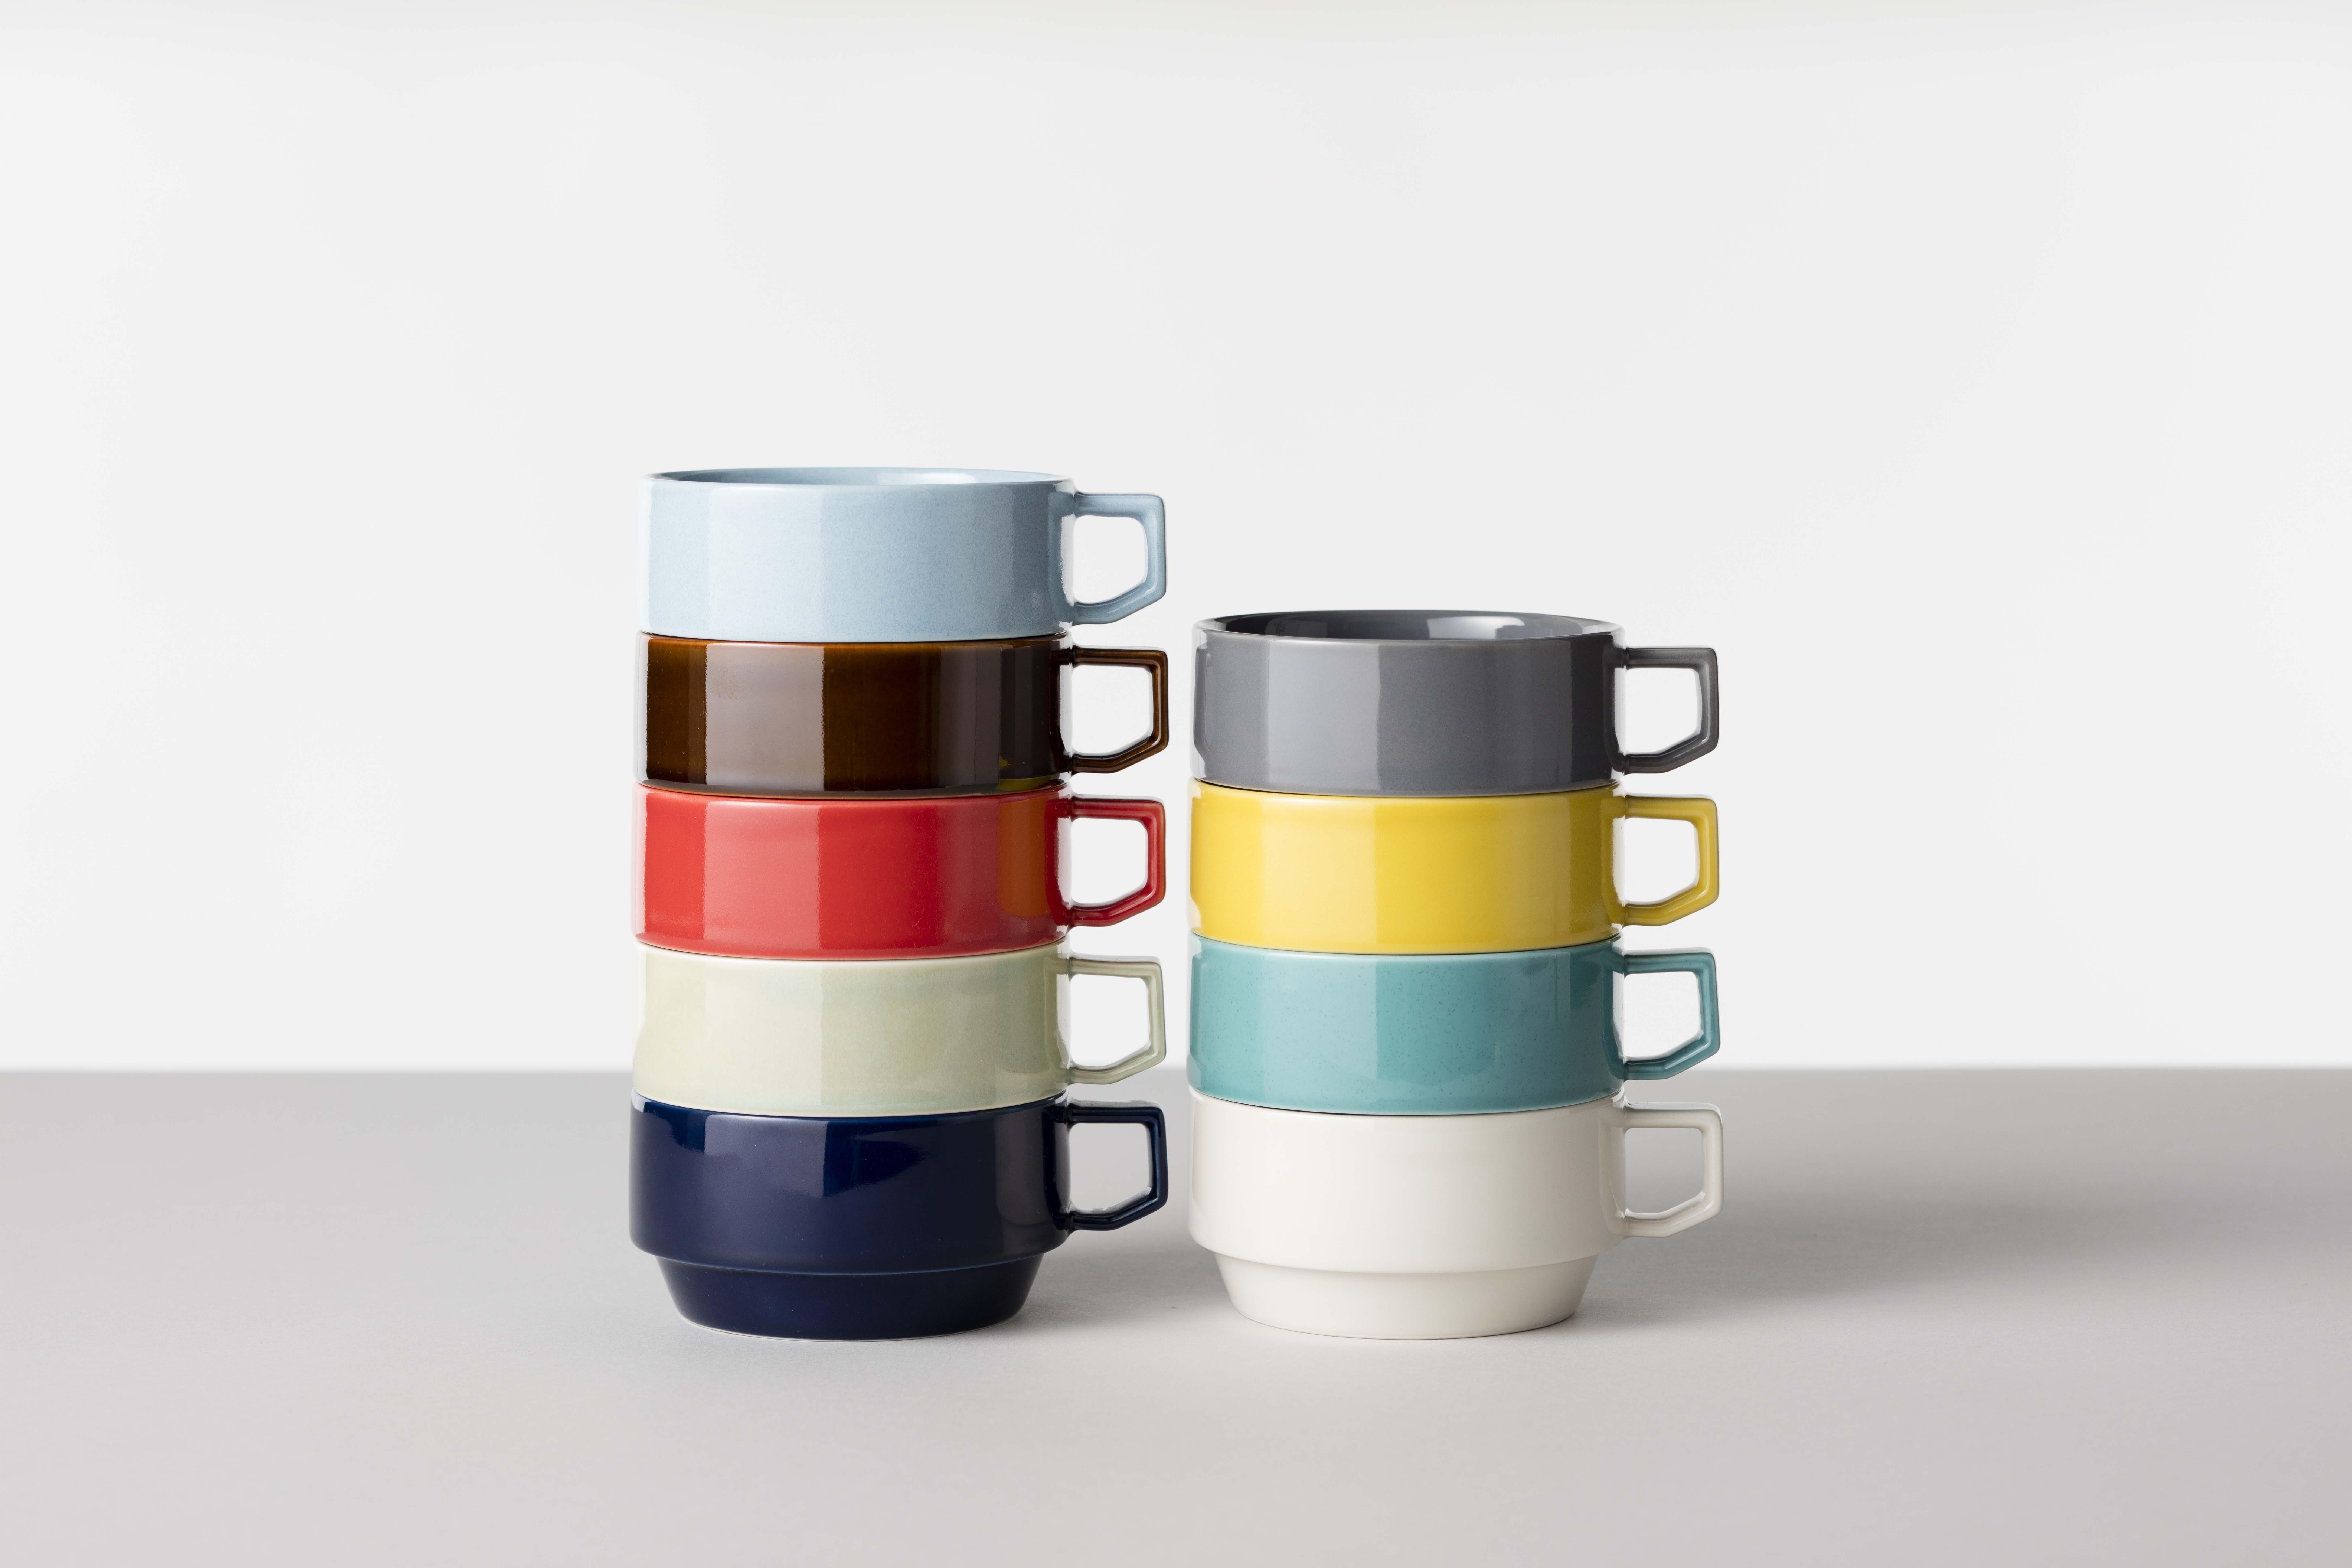 賞器選【HASAMI】堆疊湯杯繽紛濃湯杯